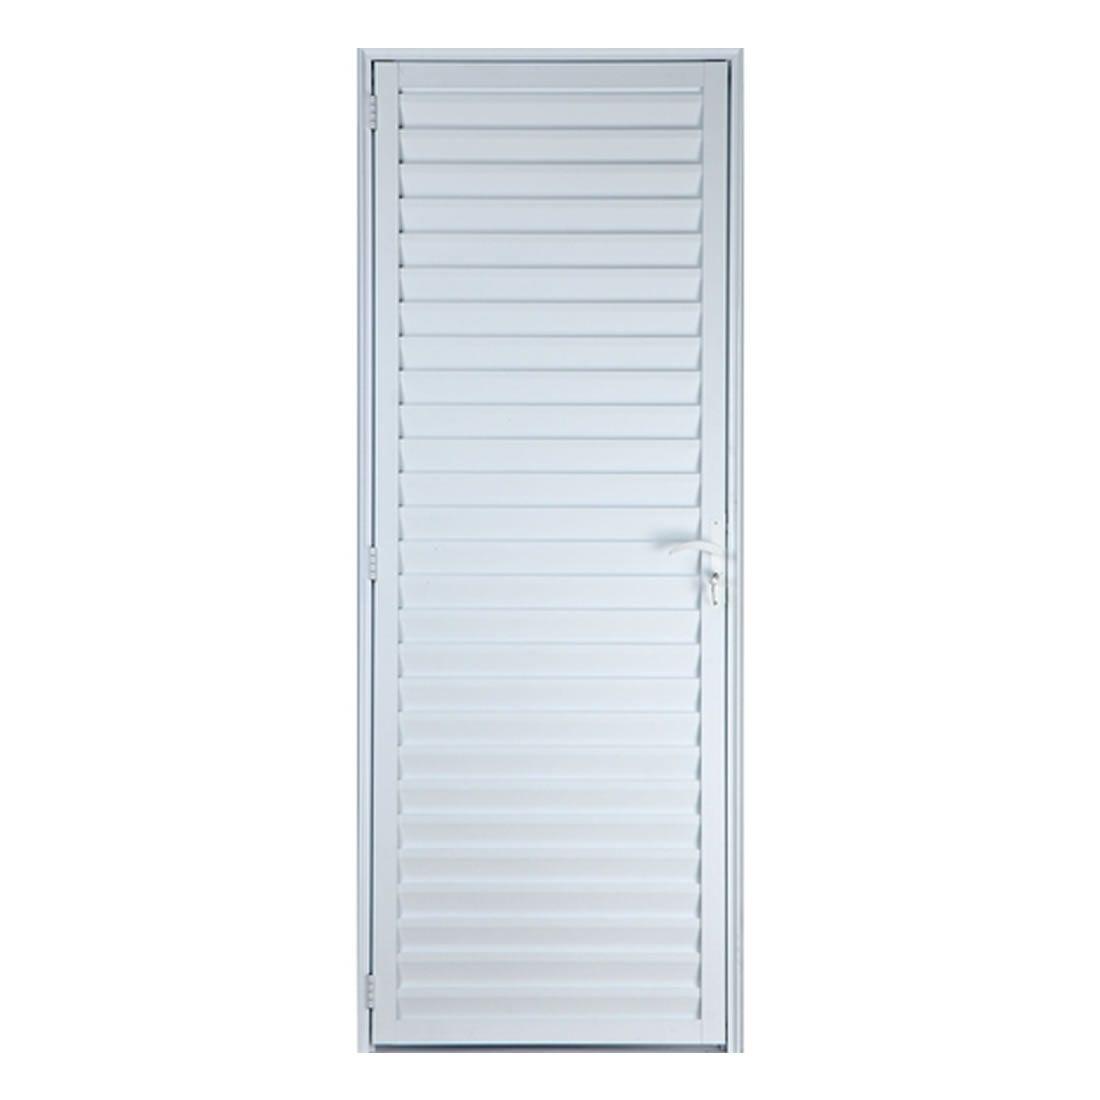 Porta Veneziana Lider 210 x 66 Esquerda Aluminío Branca